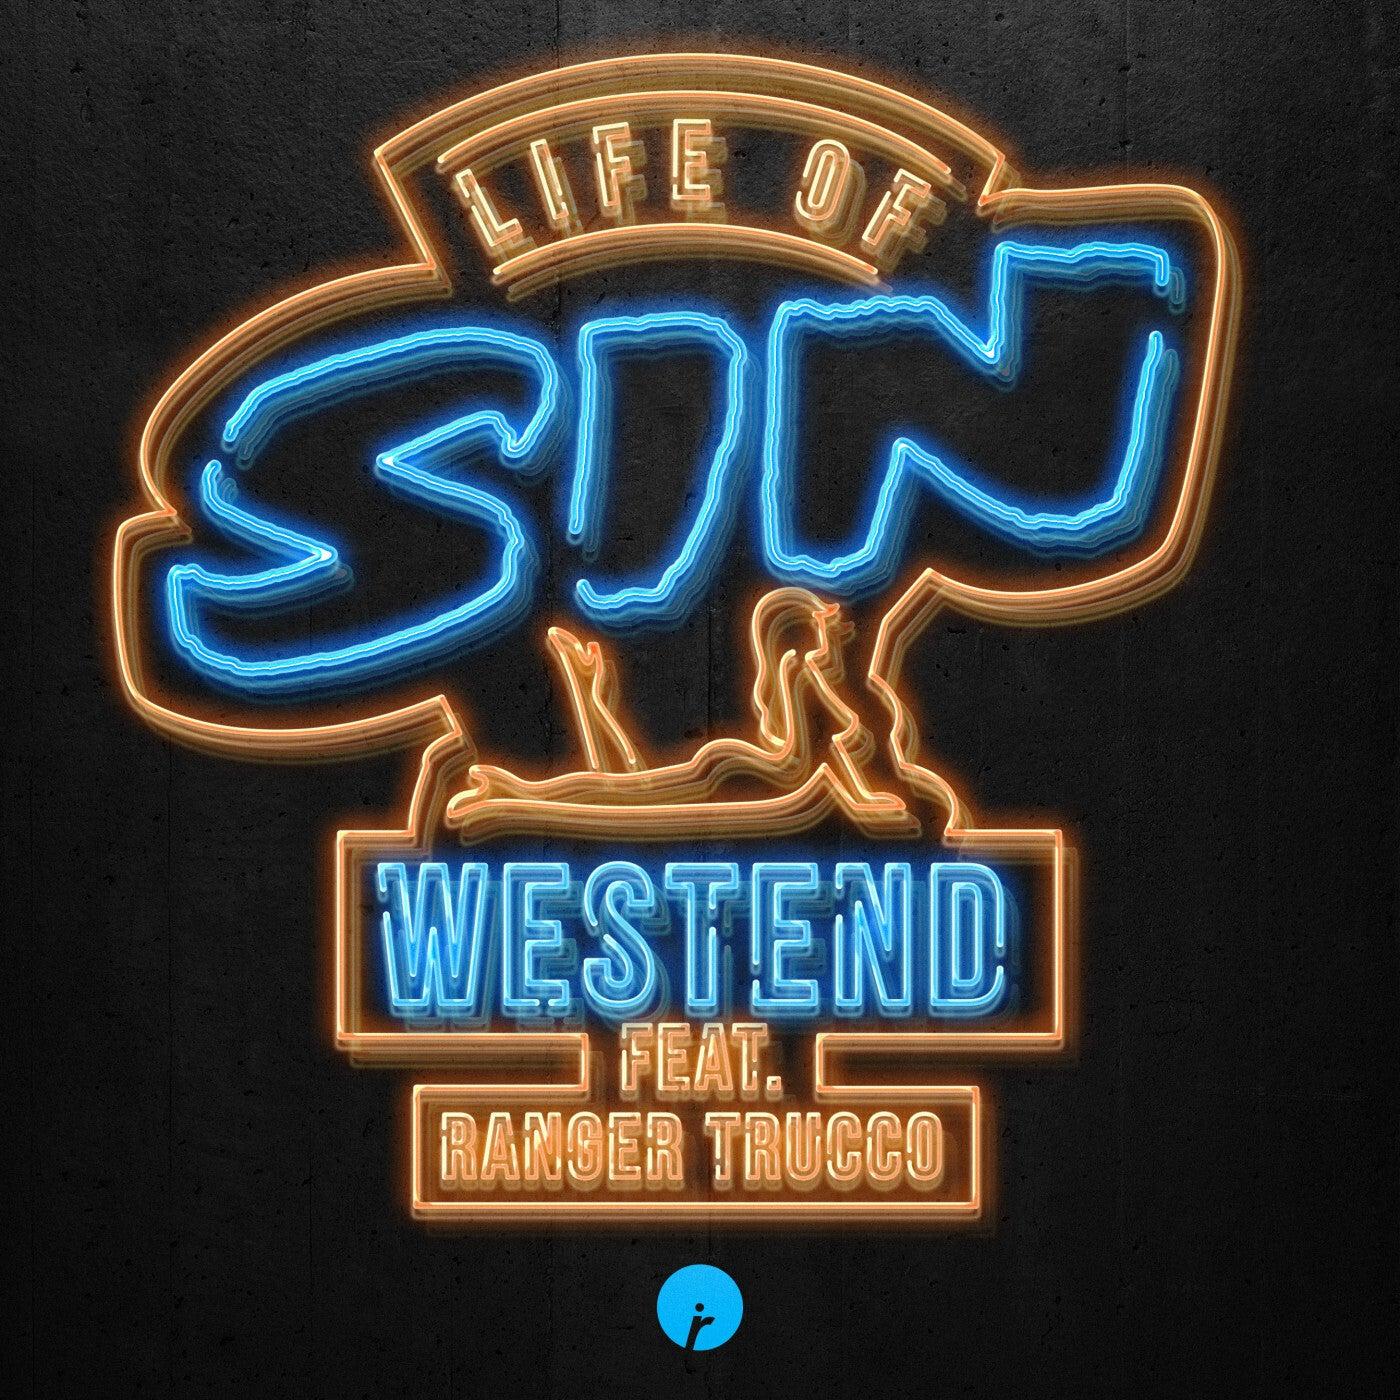 Life Of Sin (feat. Ranger Trucco) (Original Mix)